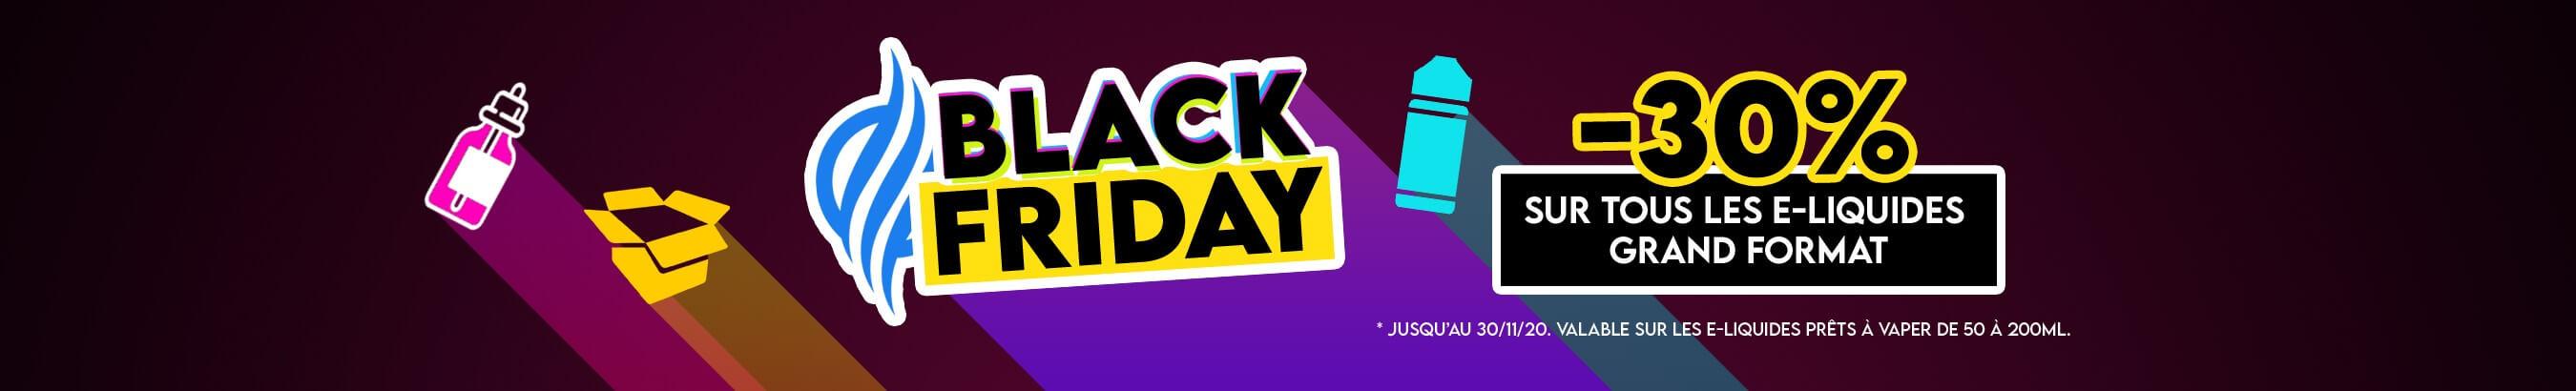 Black Friday chez Ciga.fr